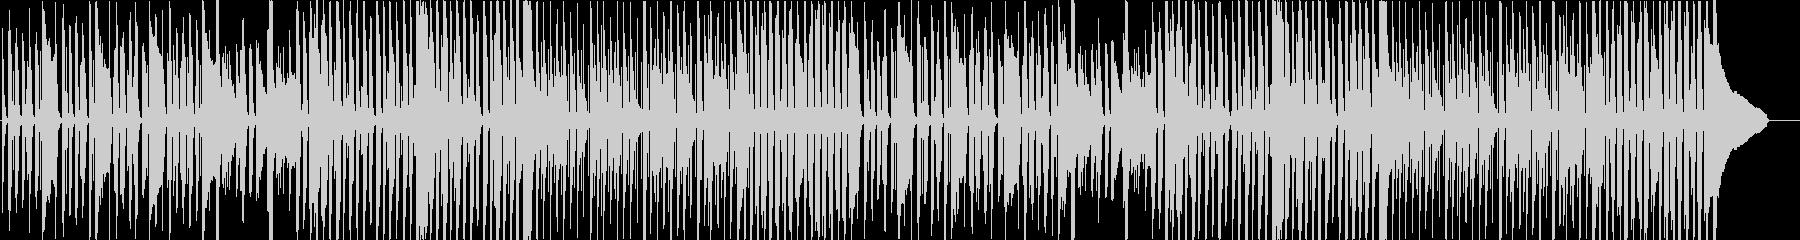 力が抜けるような呑気で平和なコミカル曲の未再生の波形